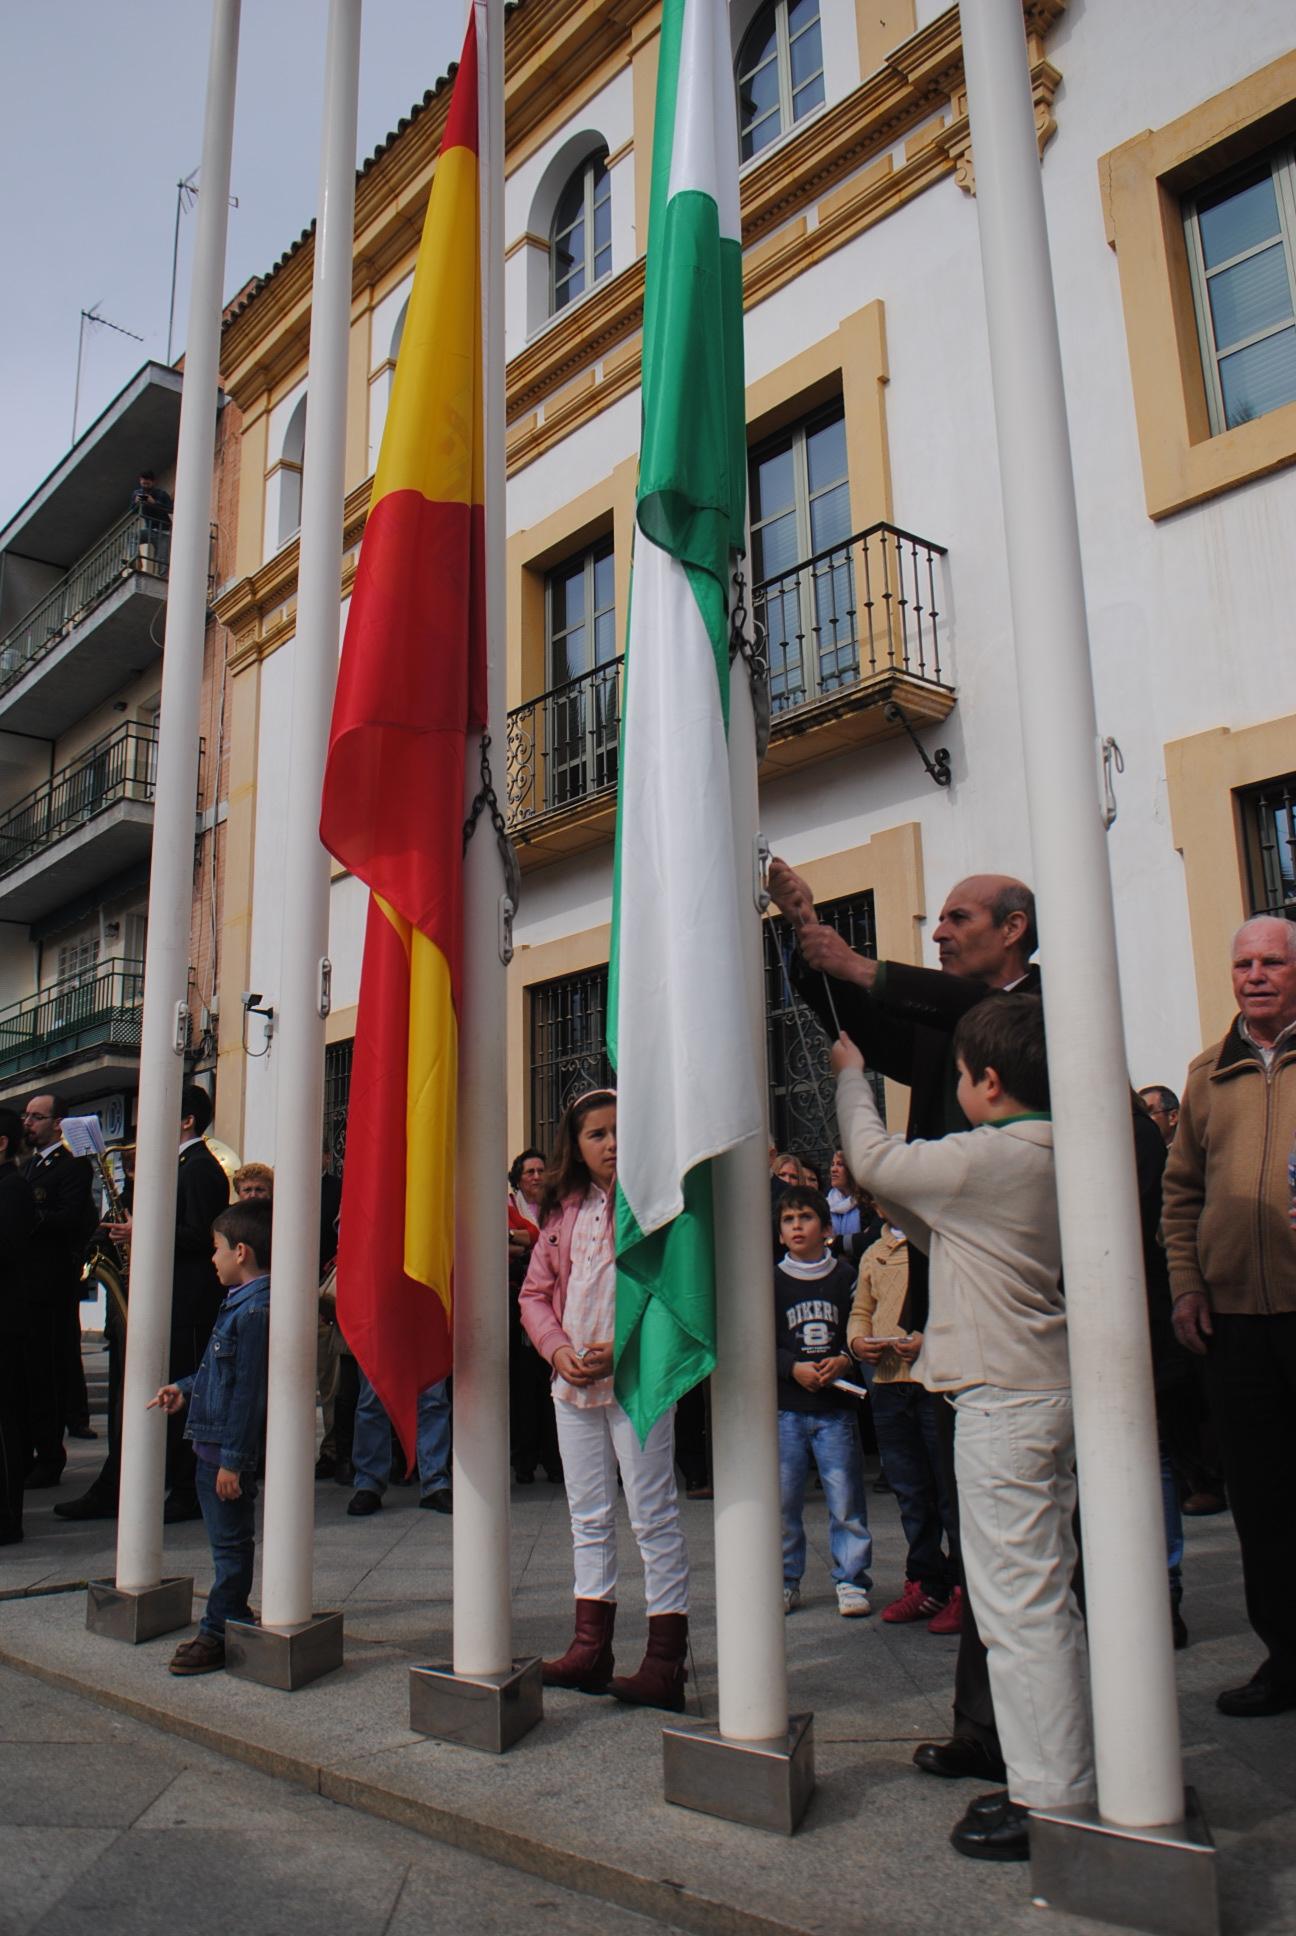 Eduardo Ortega pondrá voz al acto oficial del Día de Andalucía